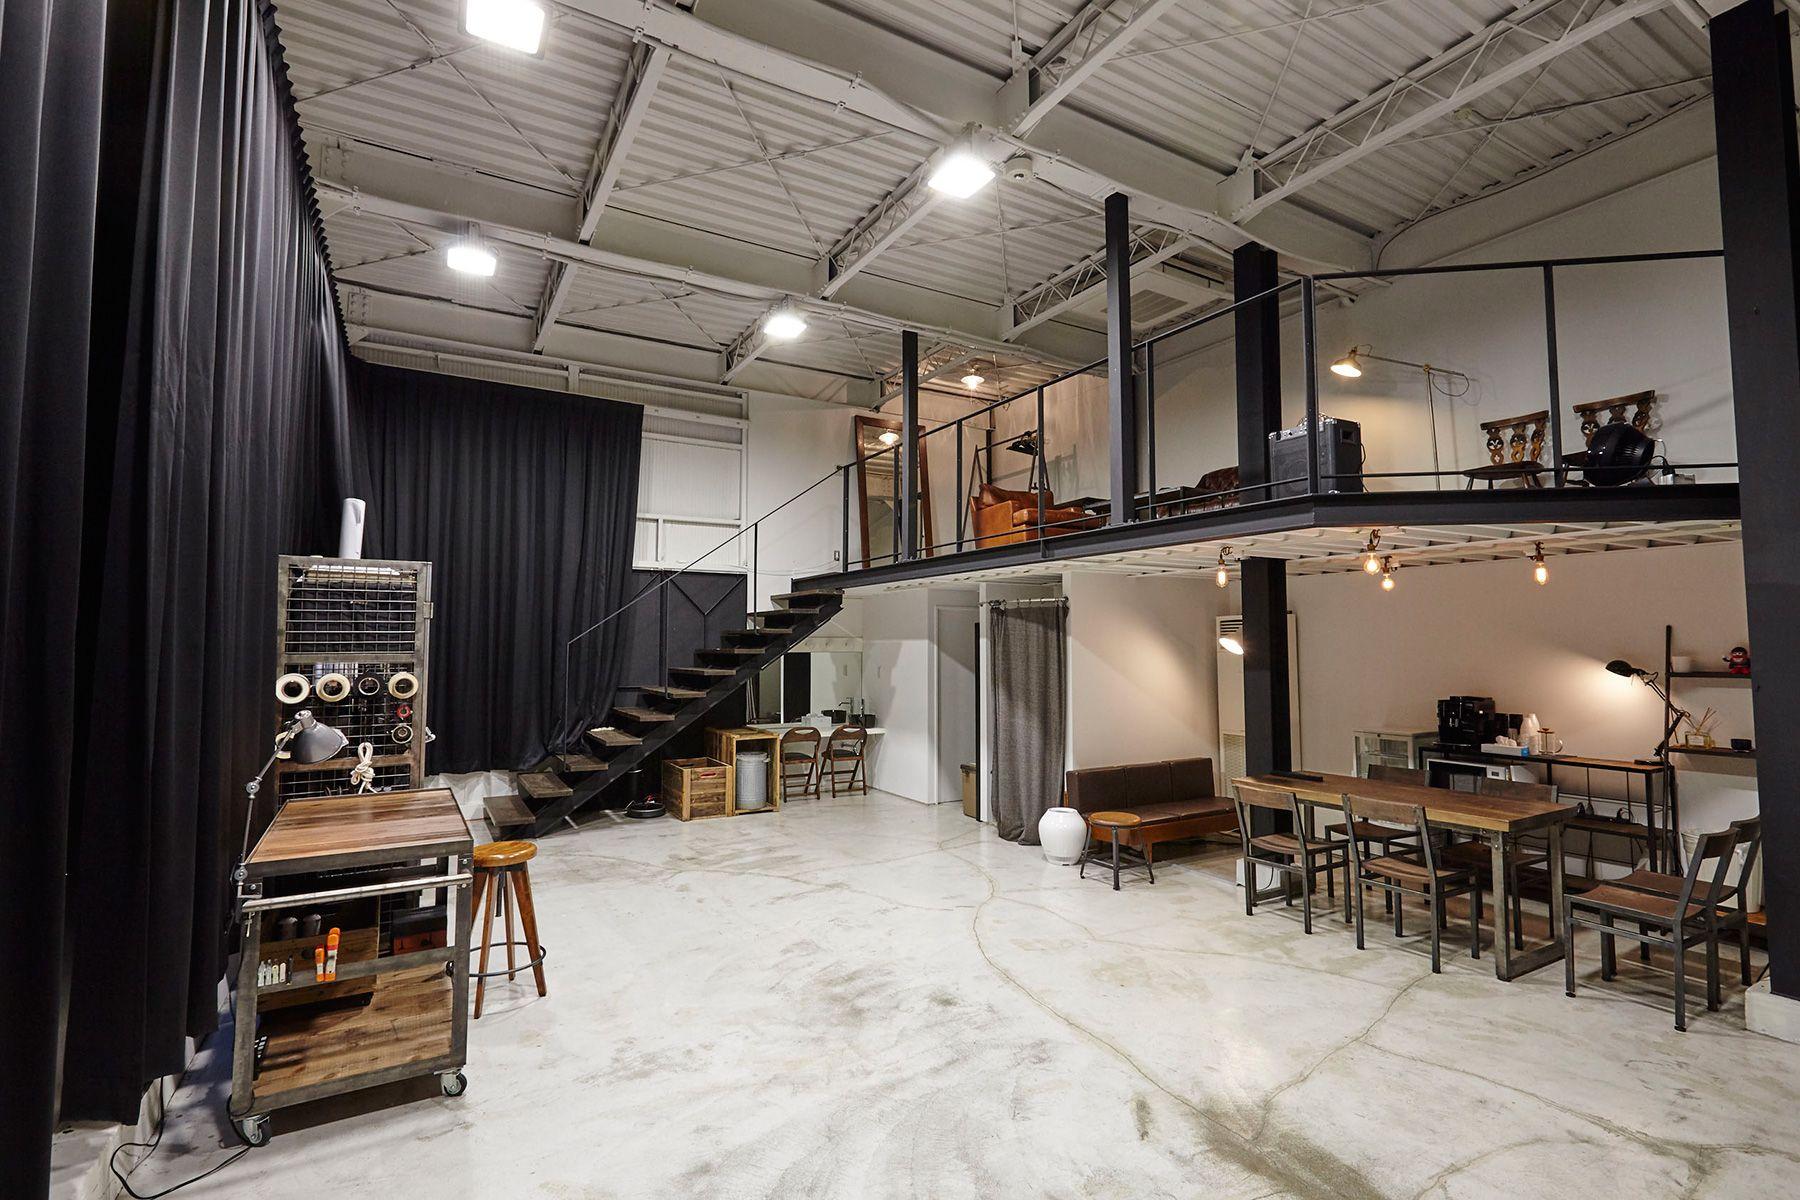 Studio I-AM (スタジオ アイアム)1F 玄関から室内